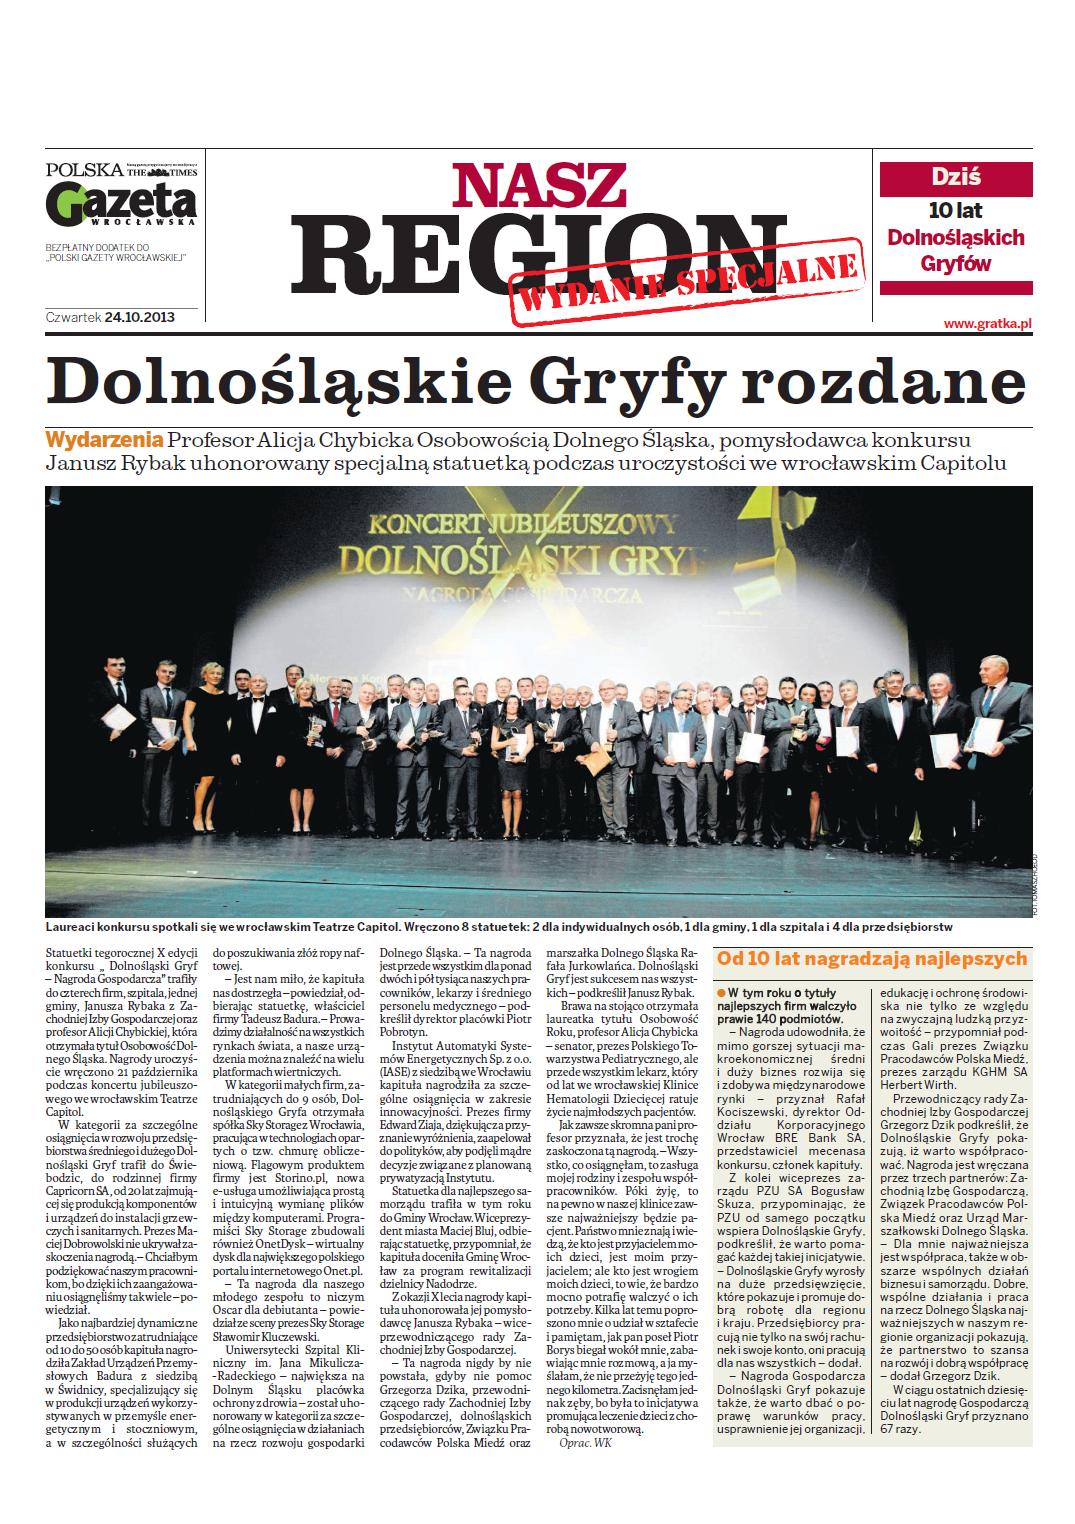 Nasz Region - wydanie specjalne